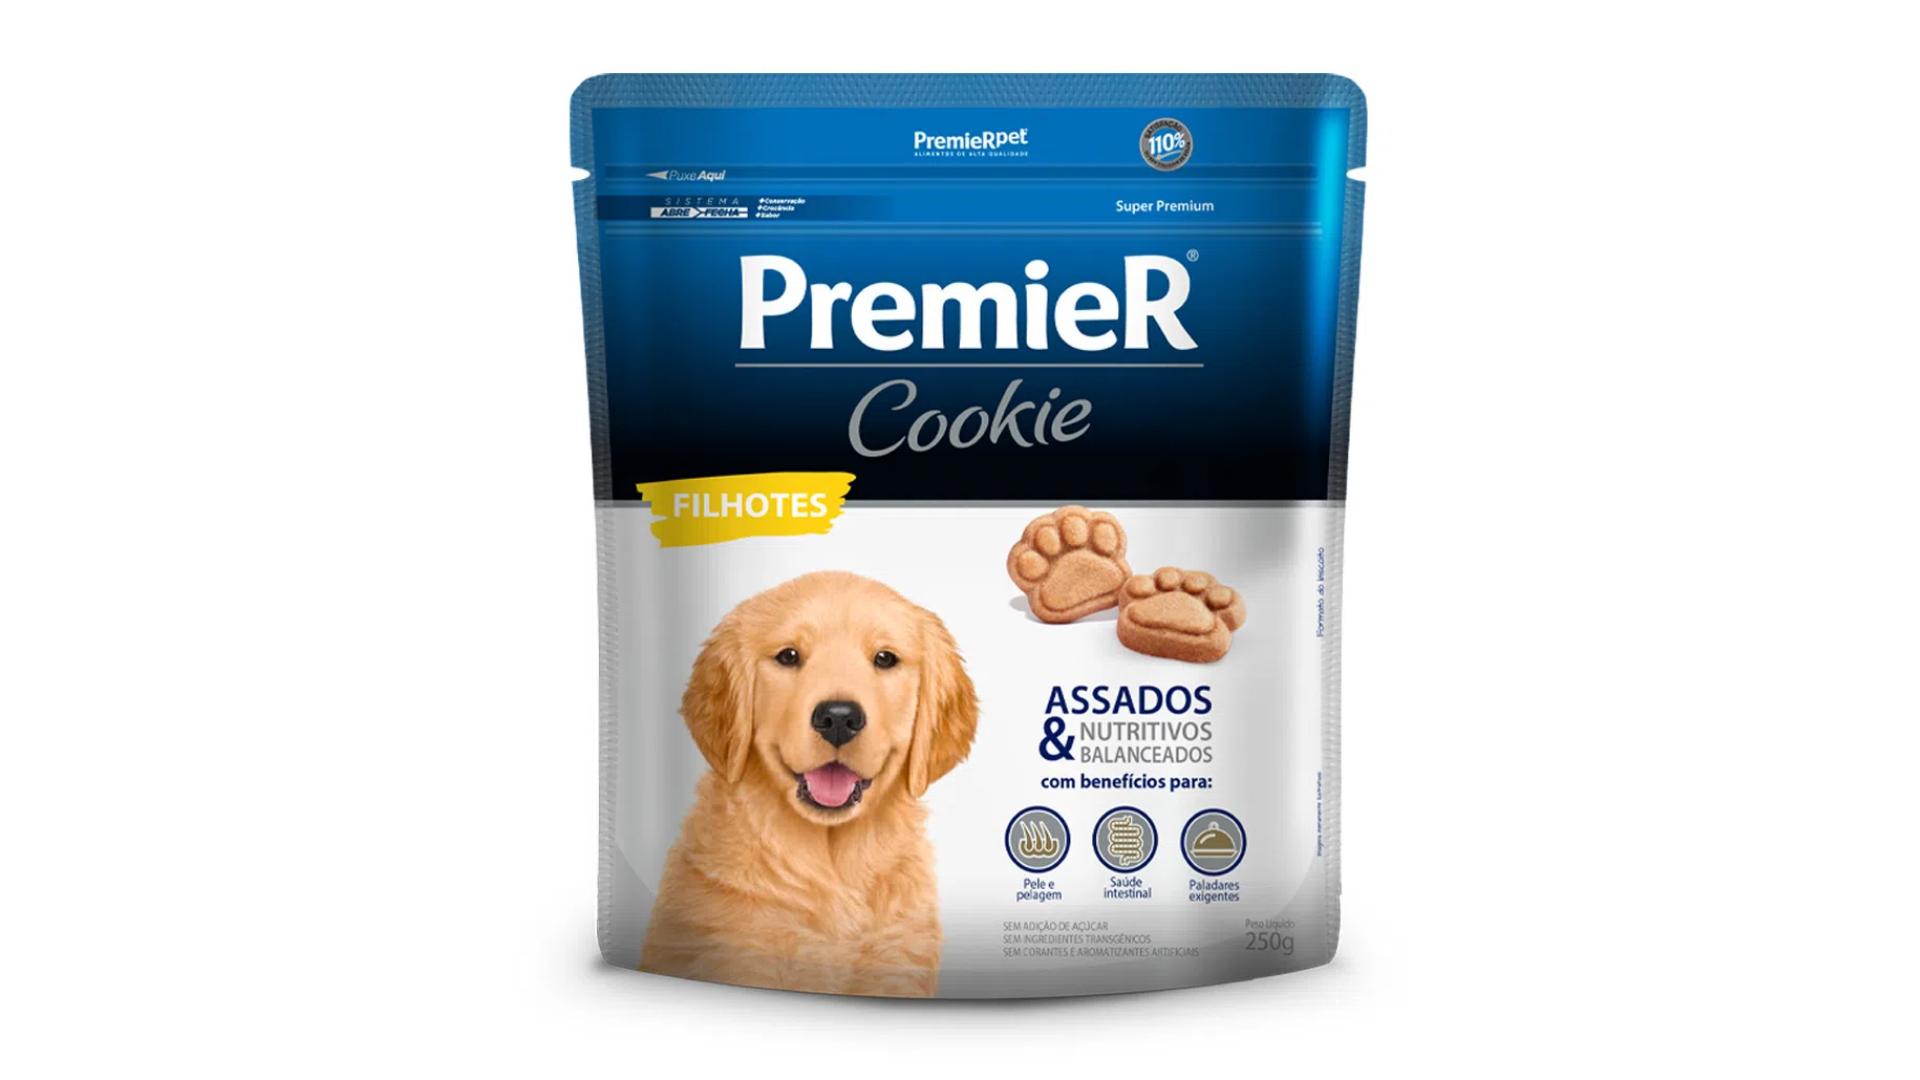 O petisco PremieR Cookie tem zinco e biotina para uma pelagem mais sedosa (Imagem: Divulgação/PremieR)